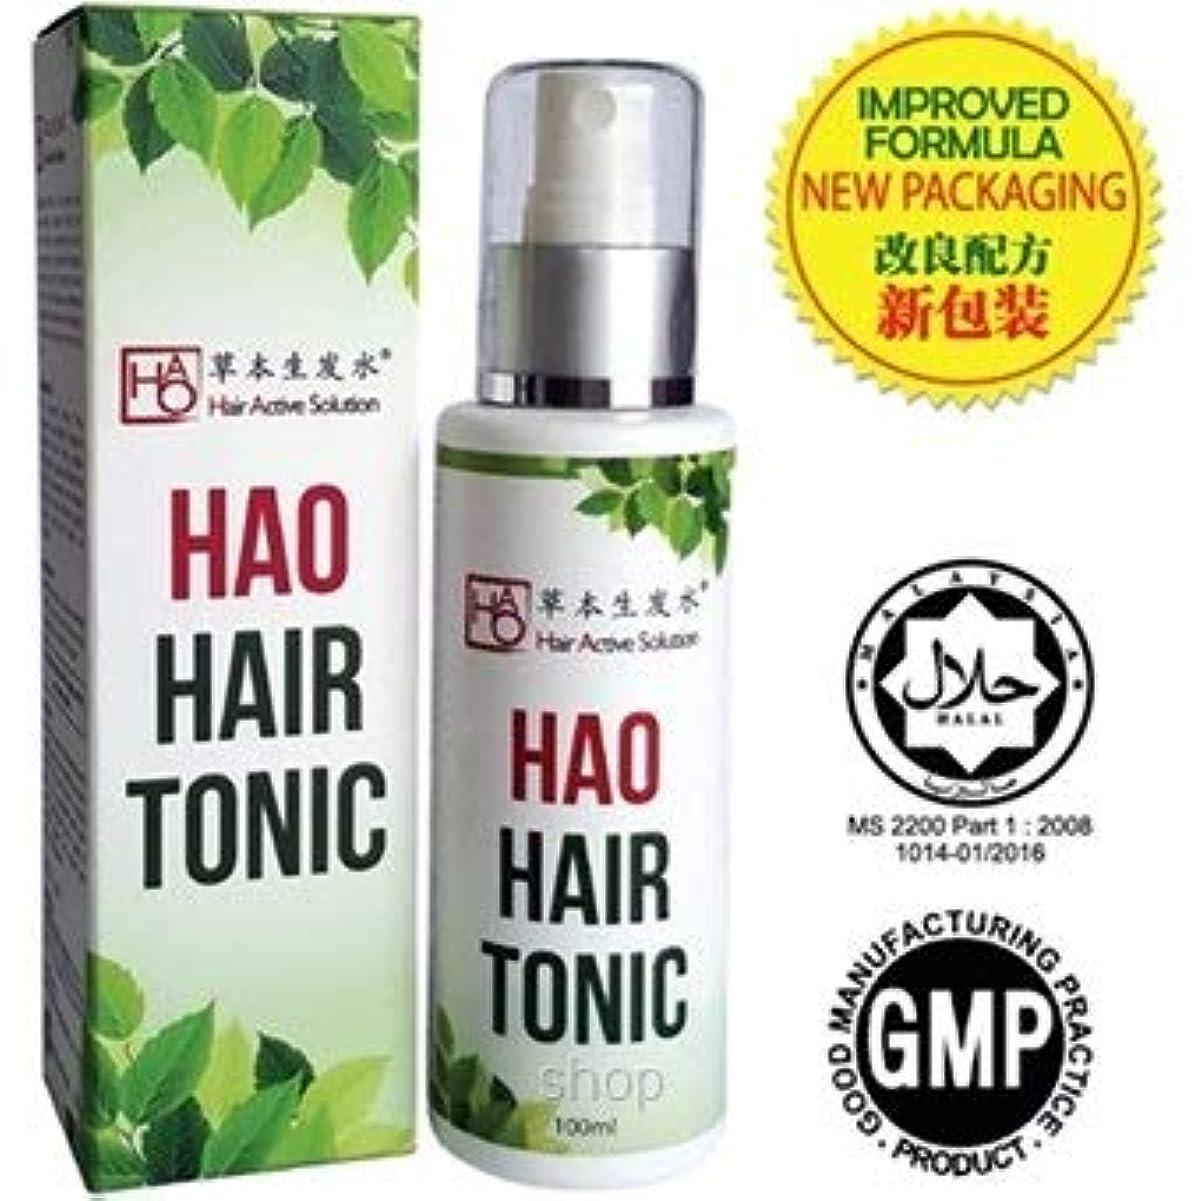 炎上ウィザード恒久的HAO ヘアコンディショナー百ミリリットルイスラム教徒集中的かつ効果的な集中型の医療の助けが成長して白髪を防ぐため、新しい髪の成長、抜け毛、毛の密度の維持を減らします